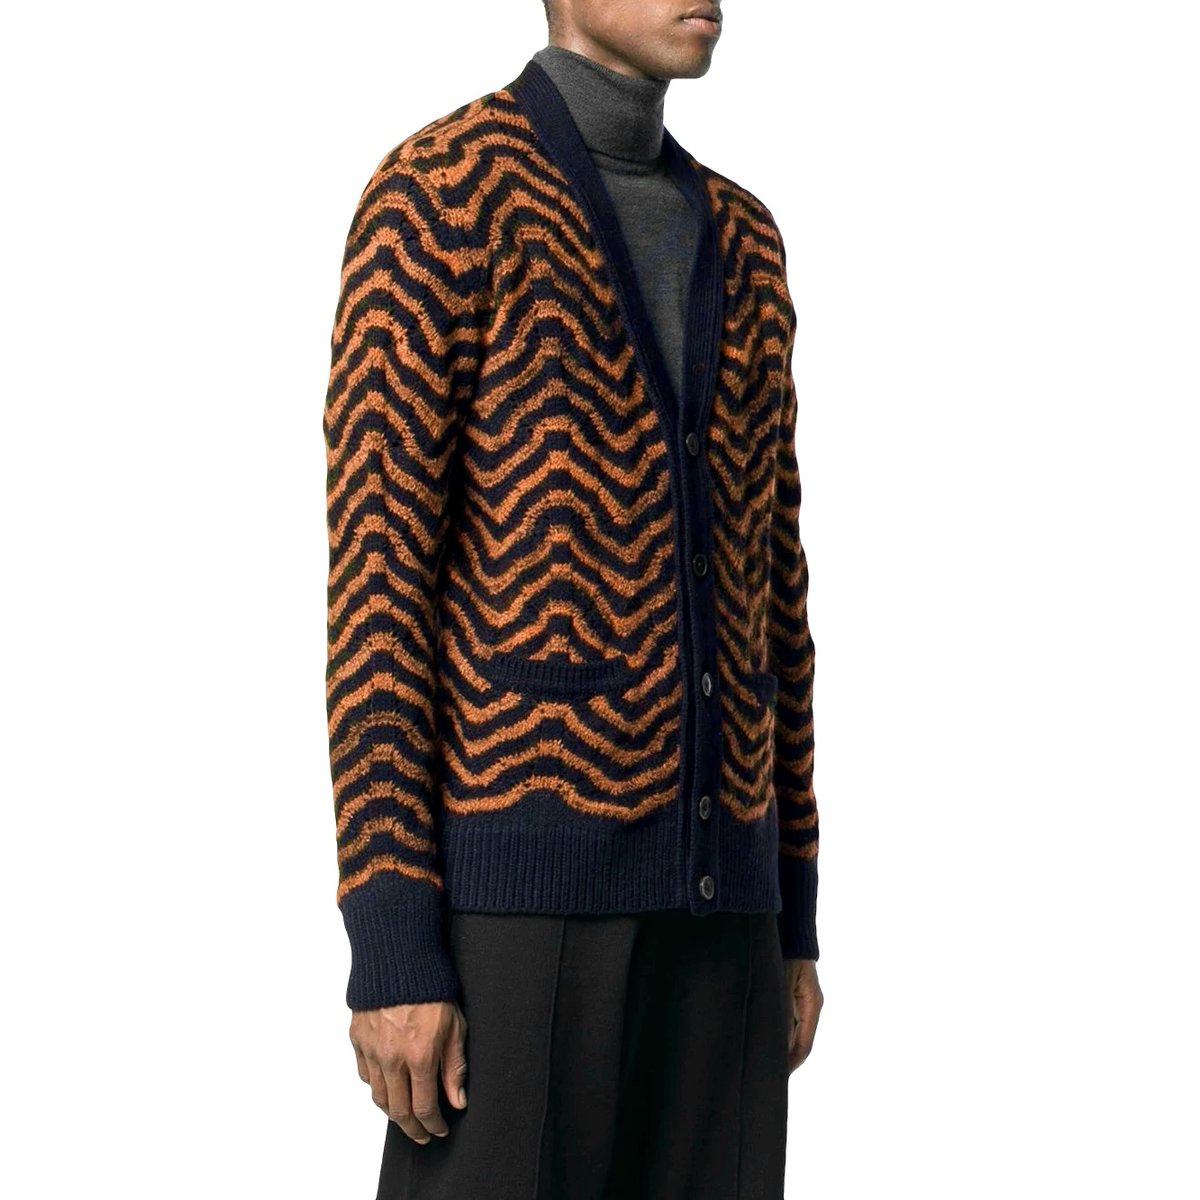 Missoni Flame Knit Cardigan f2.jpg